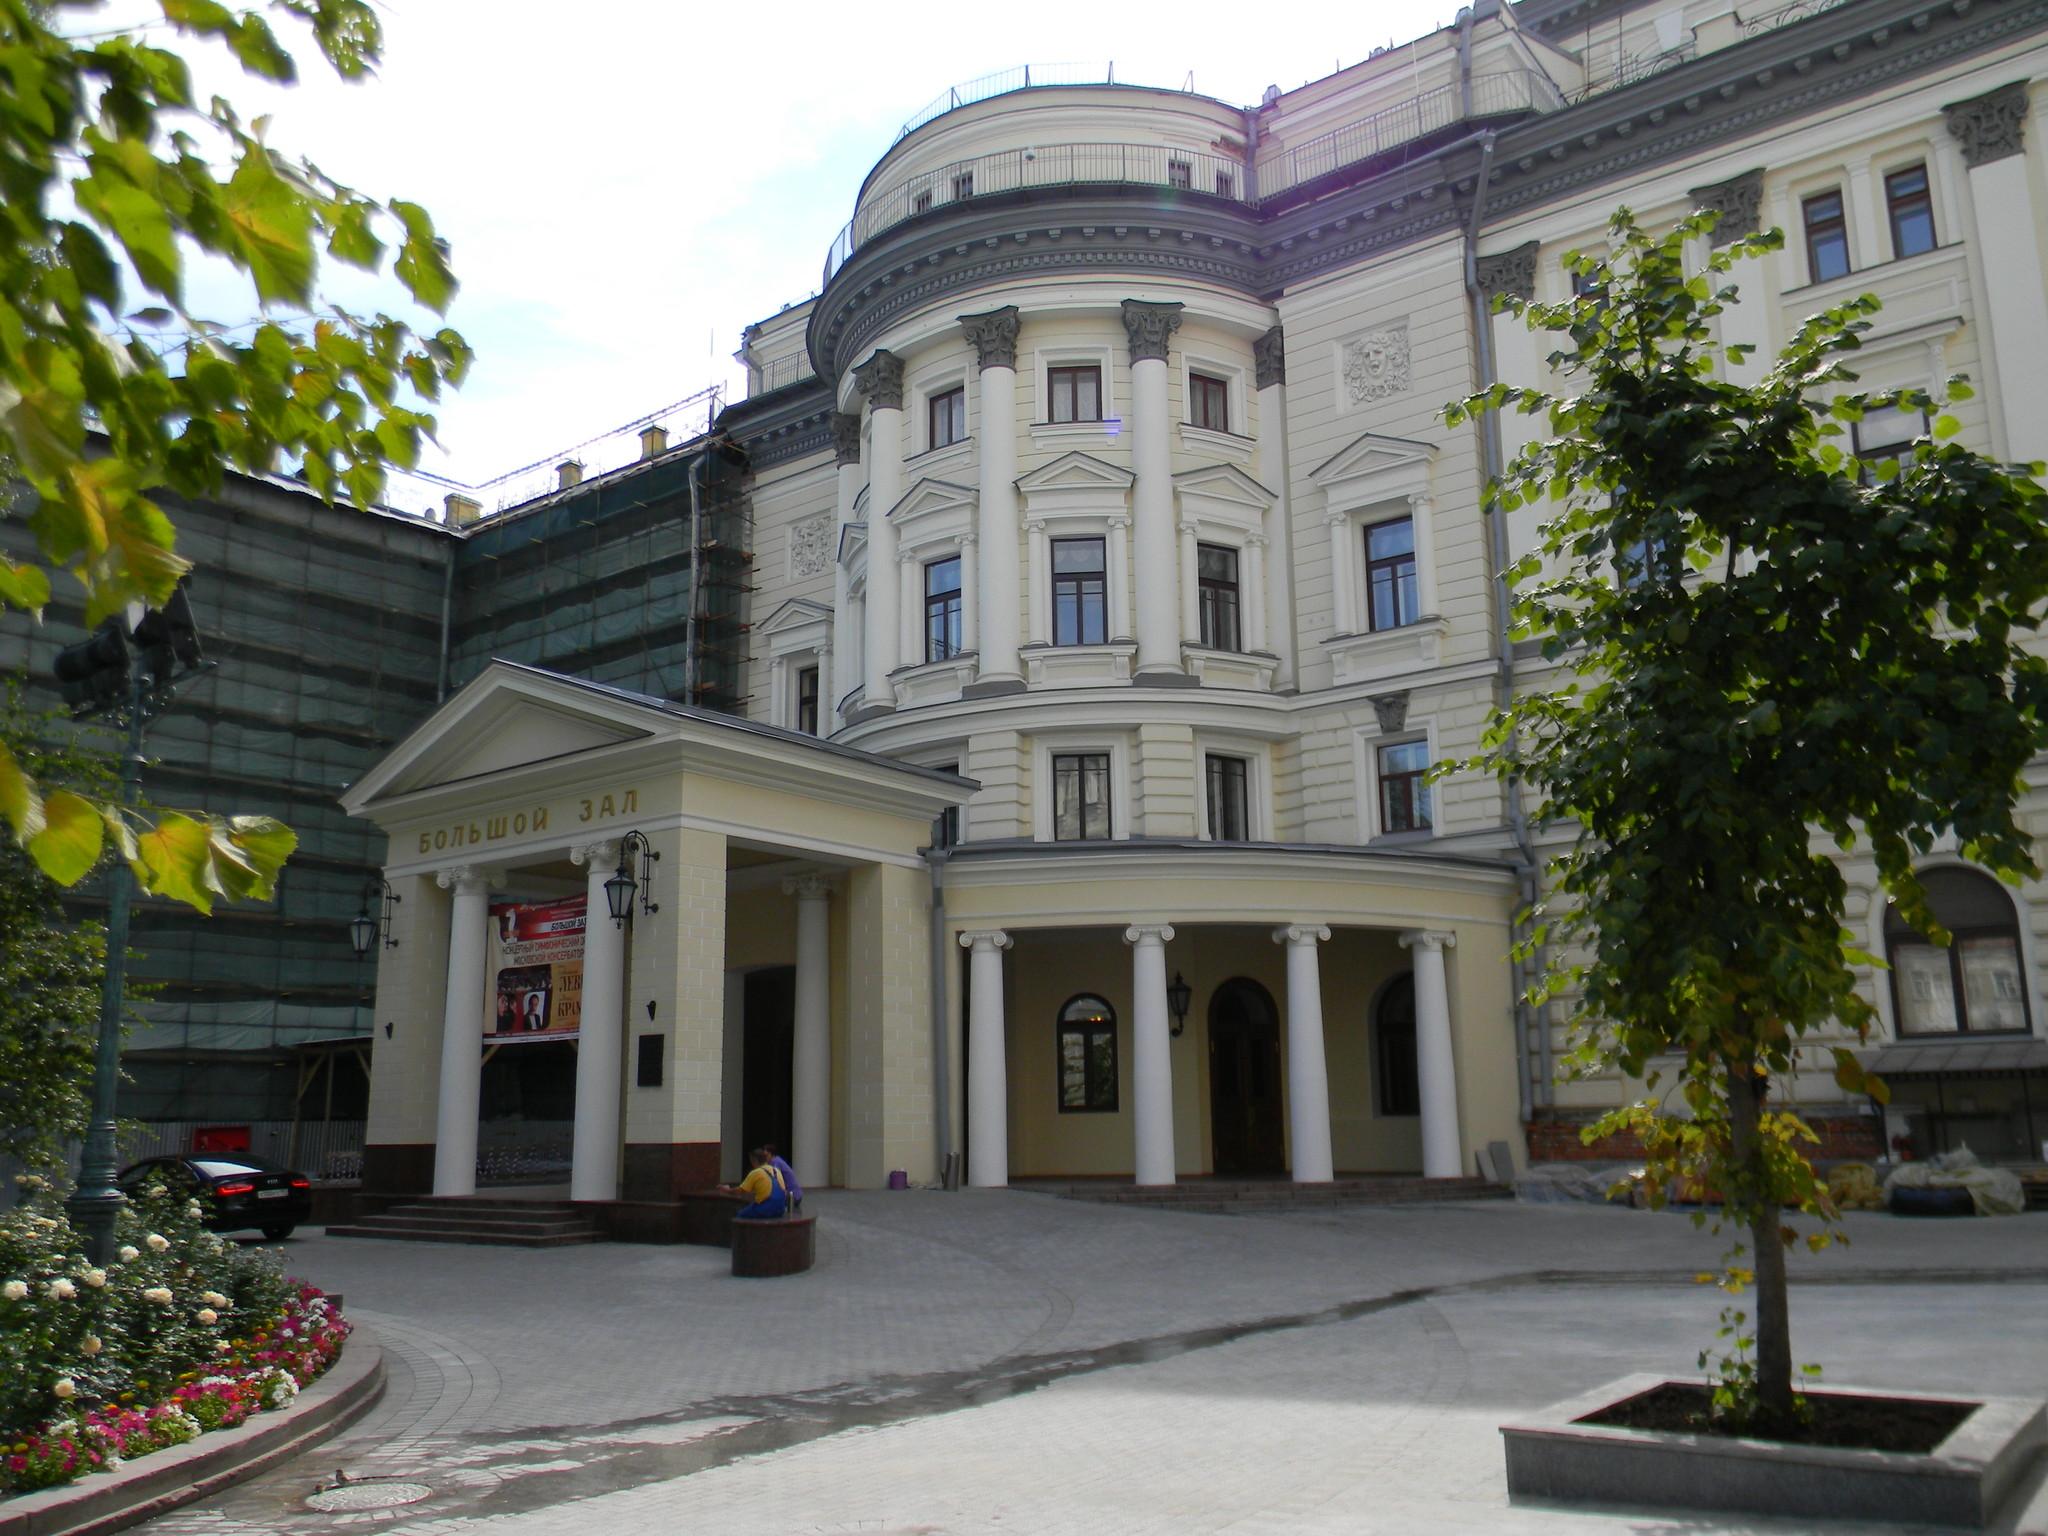 Большой зал Московской консерватории имени П.И. Чайковского